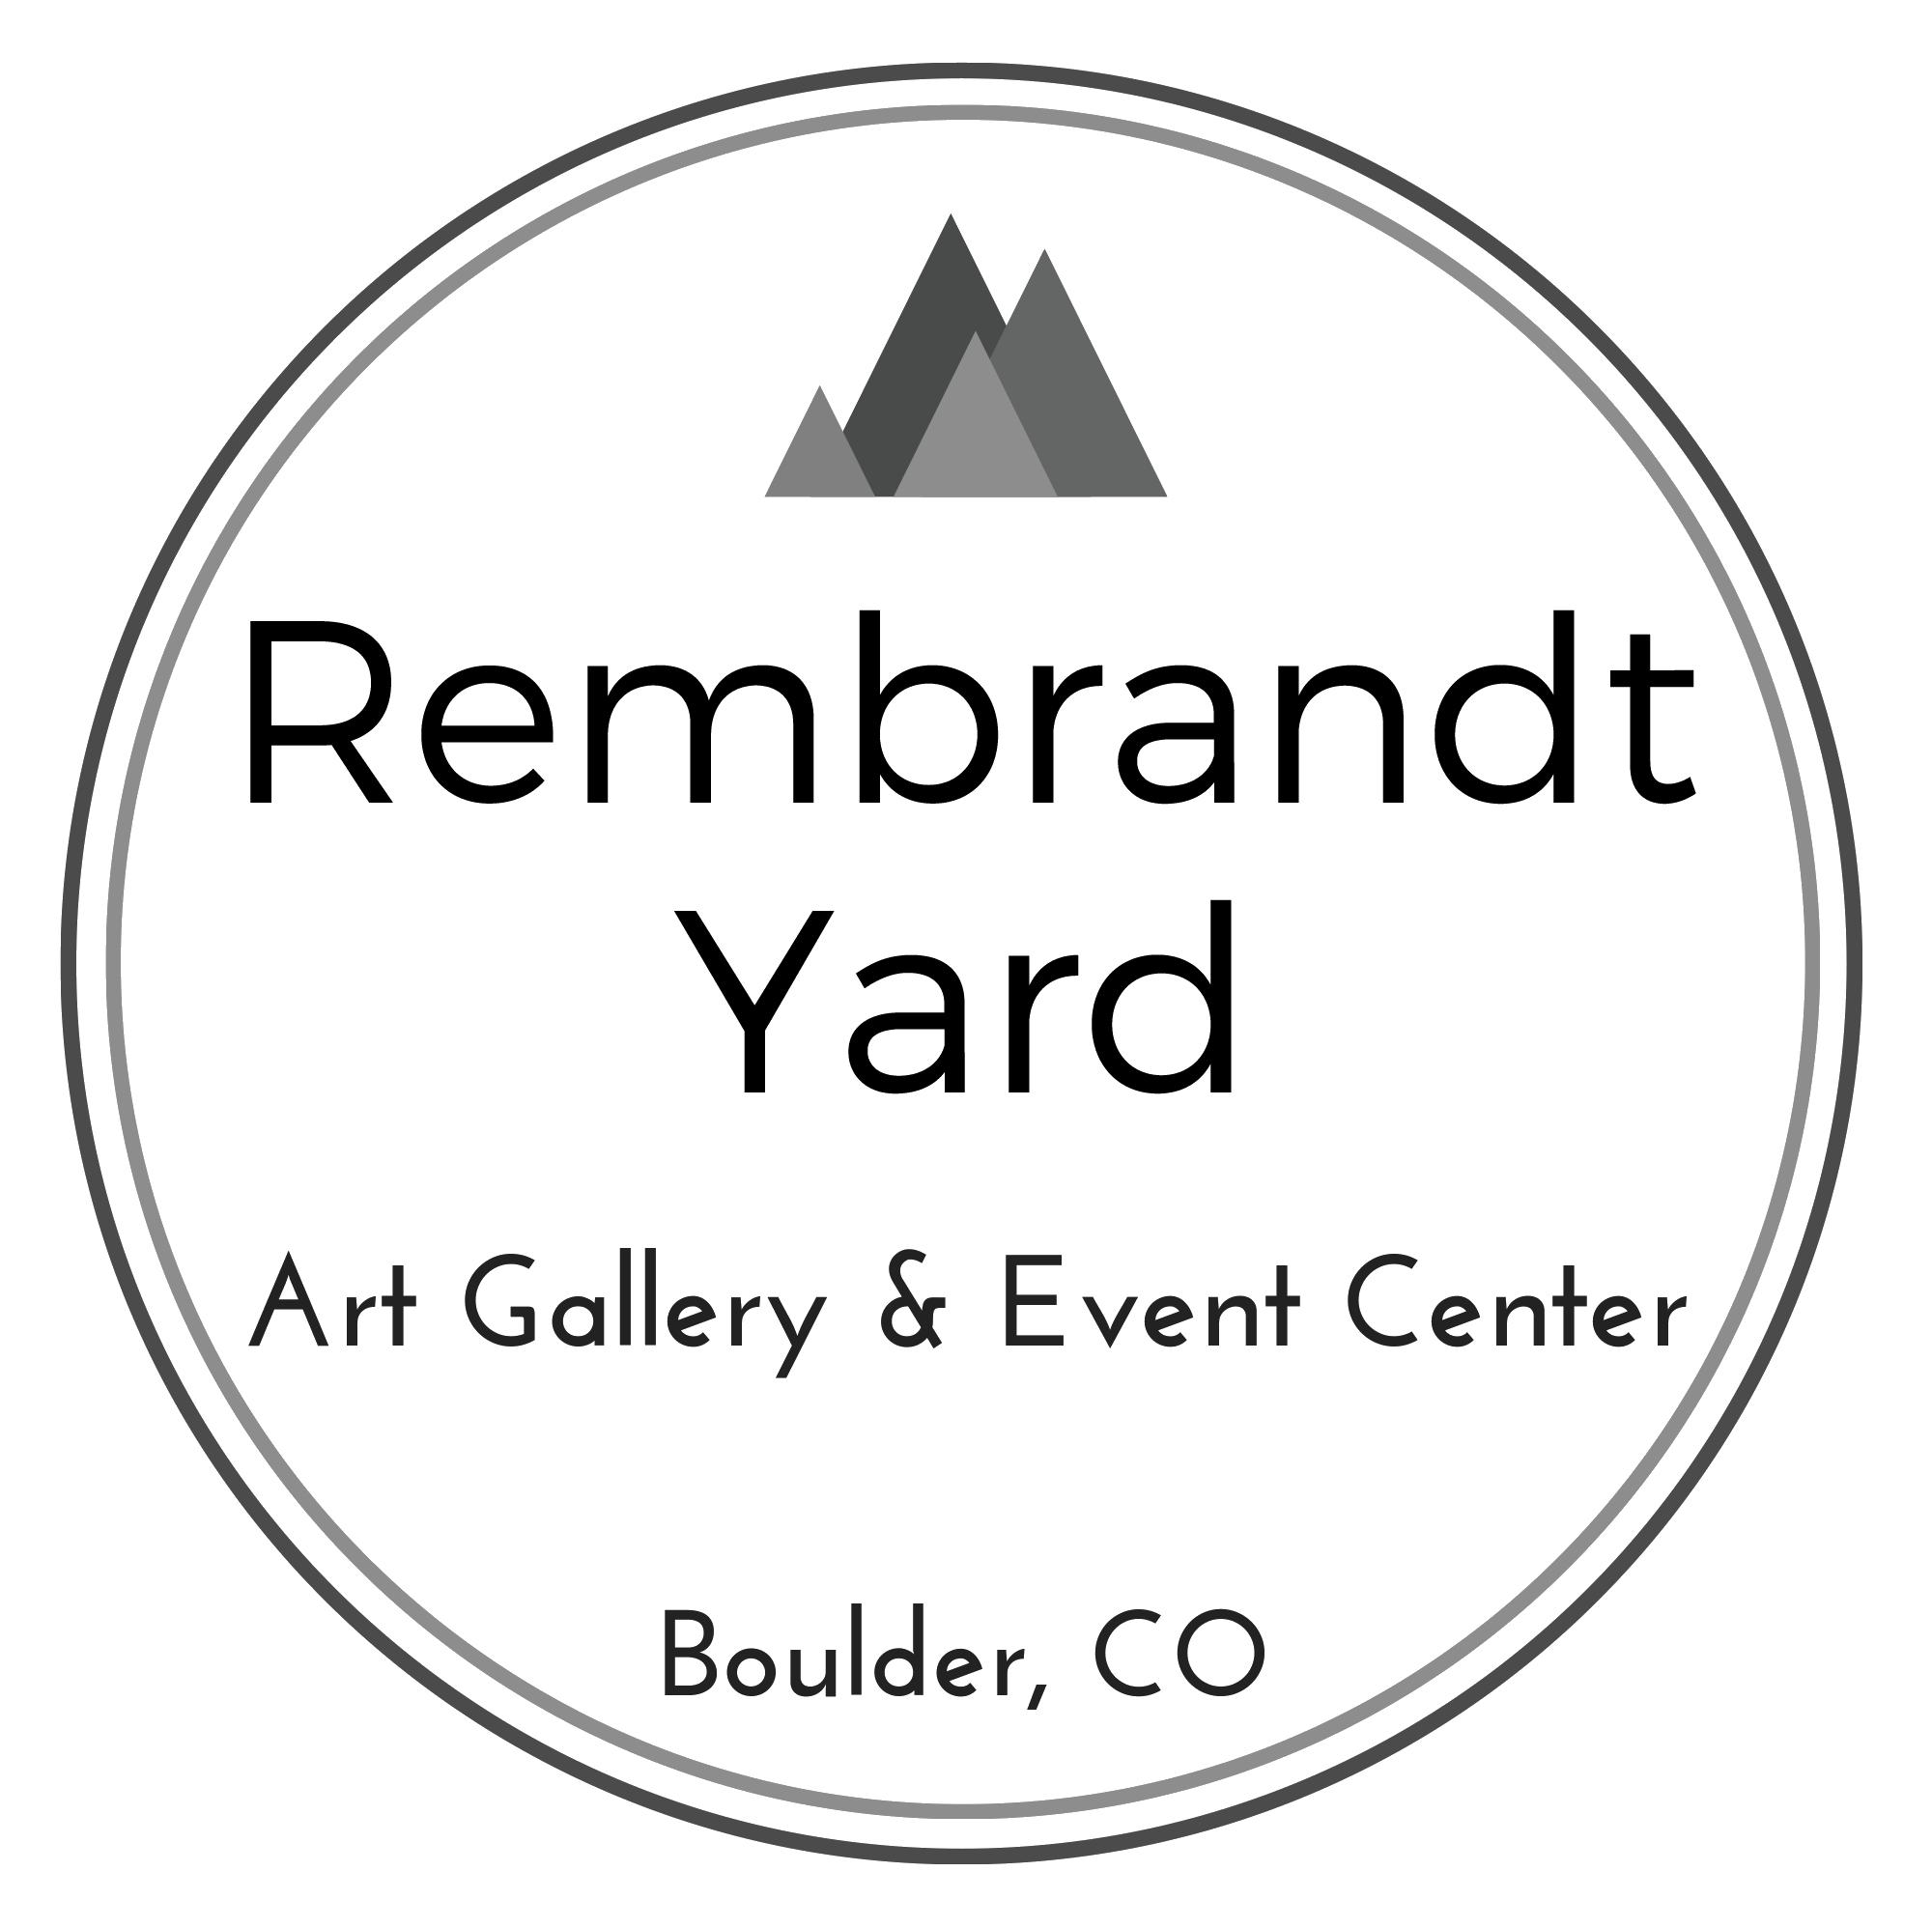 Logo-for-Rembrandt-Yard.png